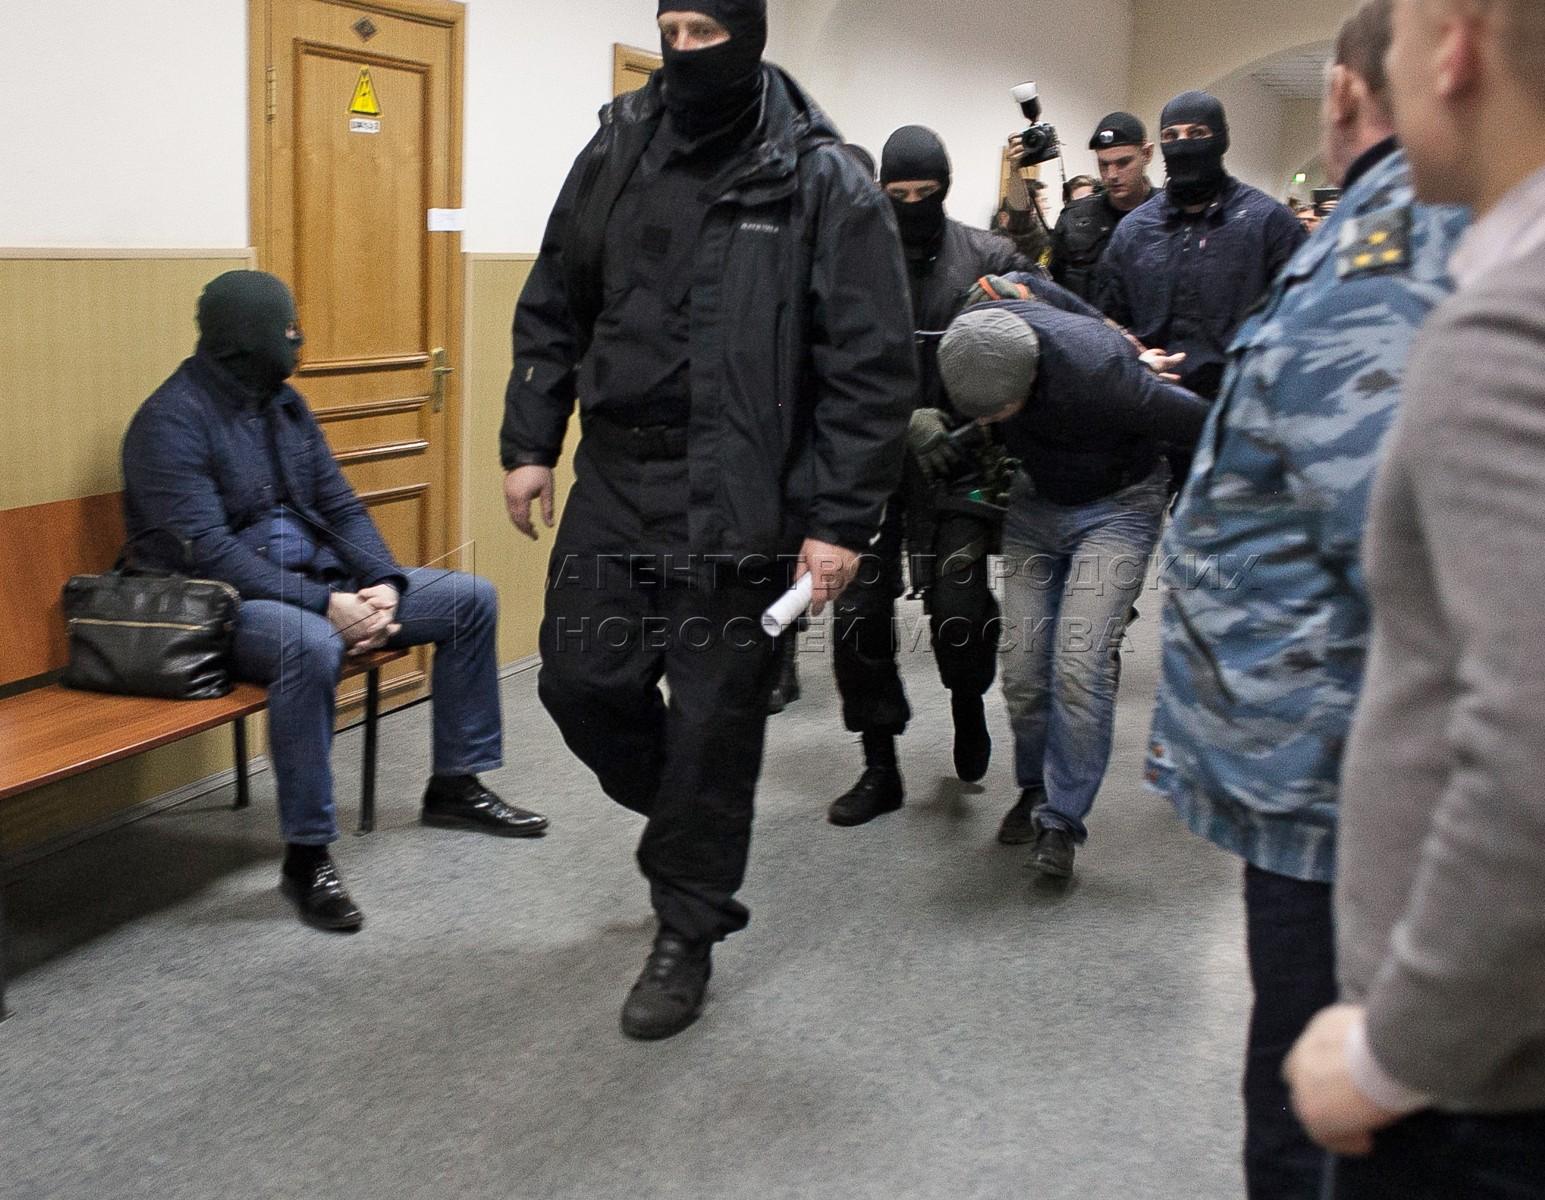 Подозреваемый по делу об убийстве политика Б.Немцова Анзор Губашев